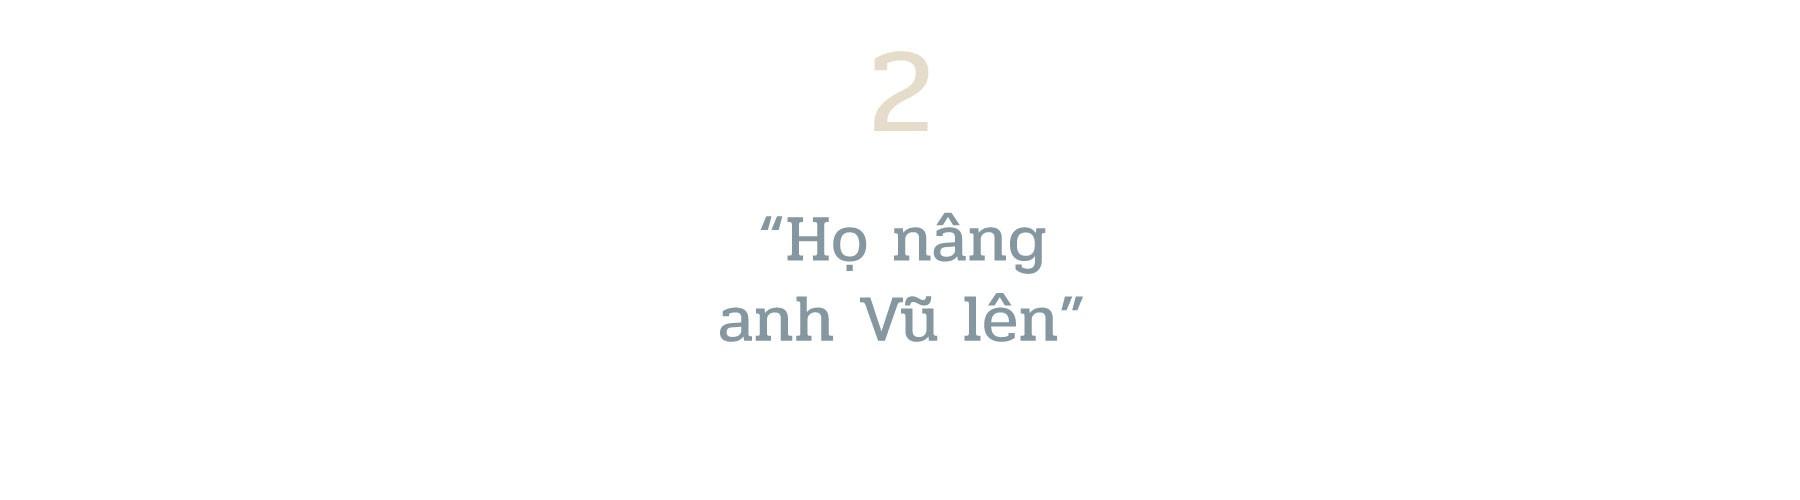 (eMagazine) - Bà Lê Hoàng Diệp Thảo: Trung Nguyên là nhà, tôi phải trở về - Ảnh 7.